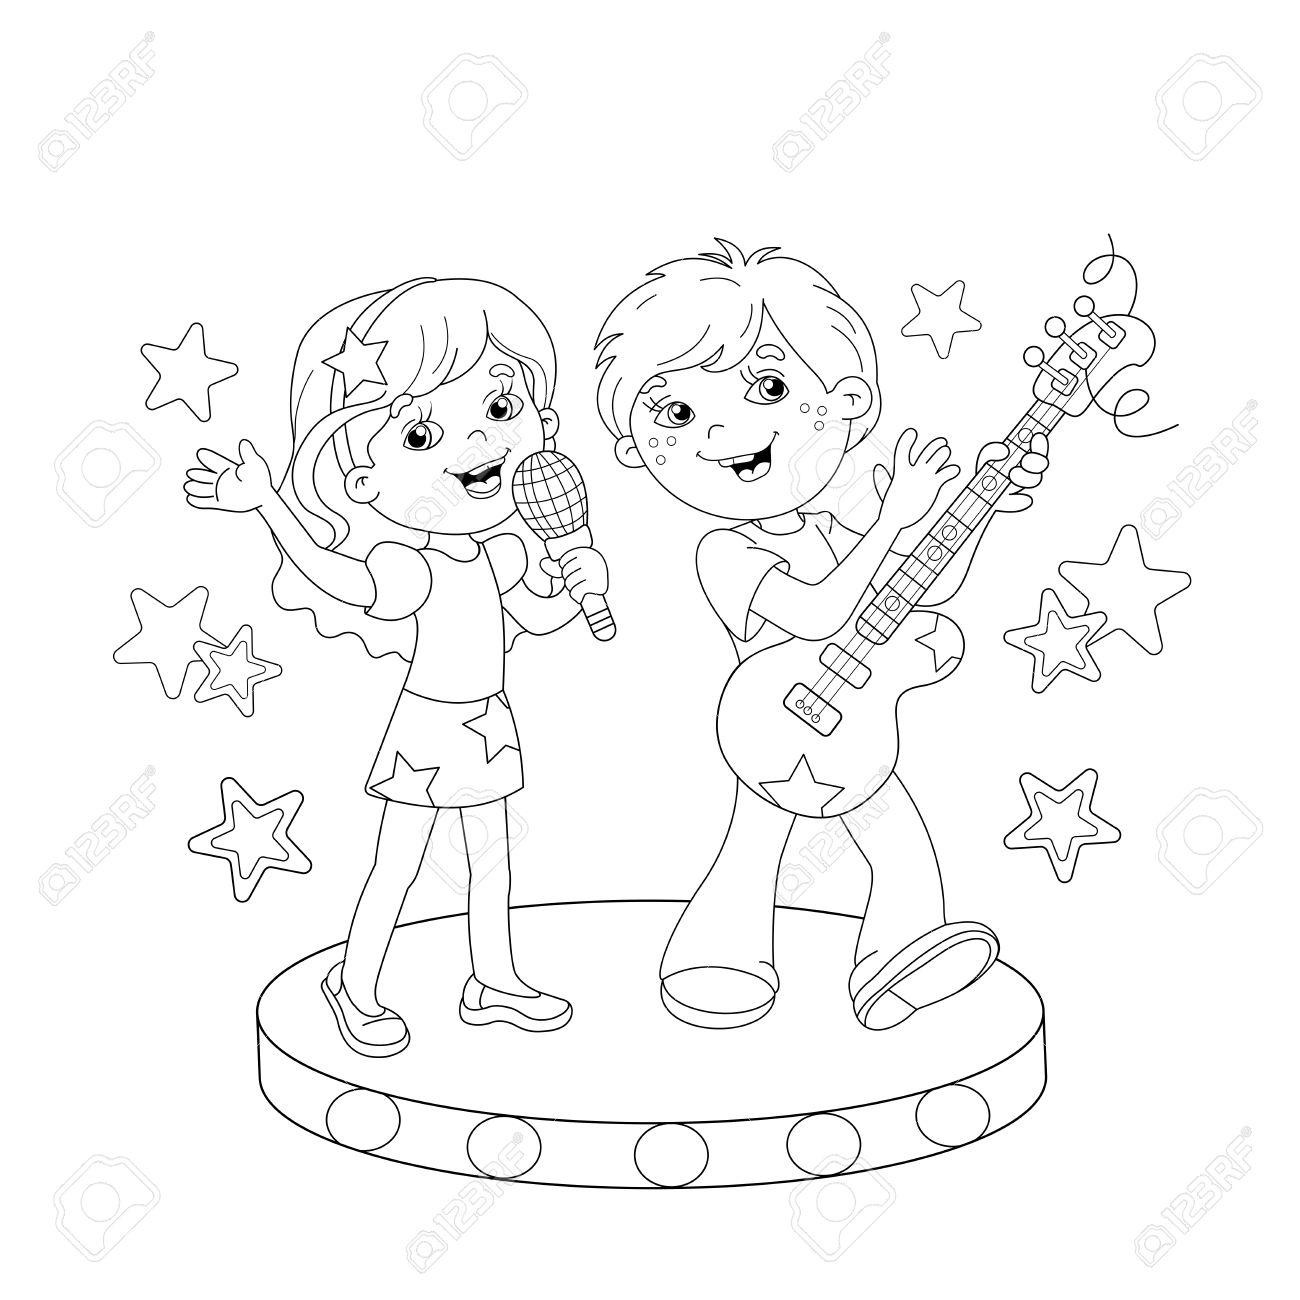 Con Esquema Y A Canción En Colorear Guitarra Niñas De El Página Niños Dibujos Para EscenarioLibro Animados Cantar Una vnNm8O0w